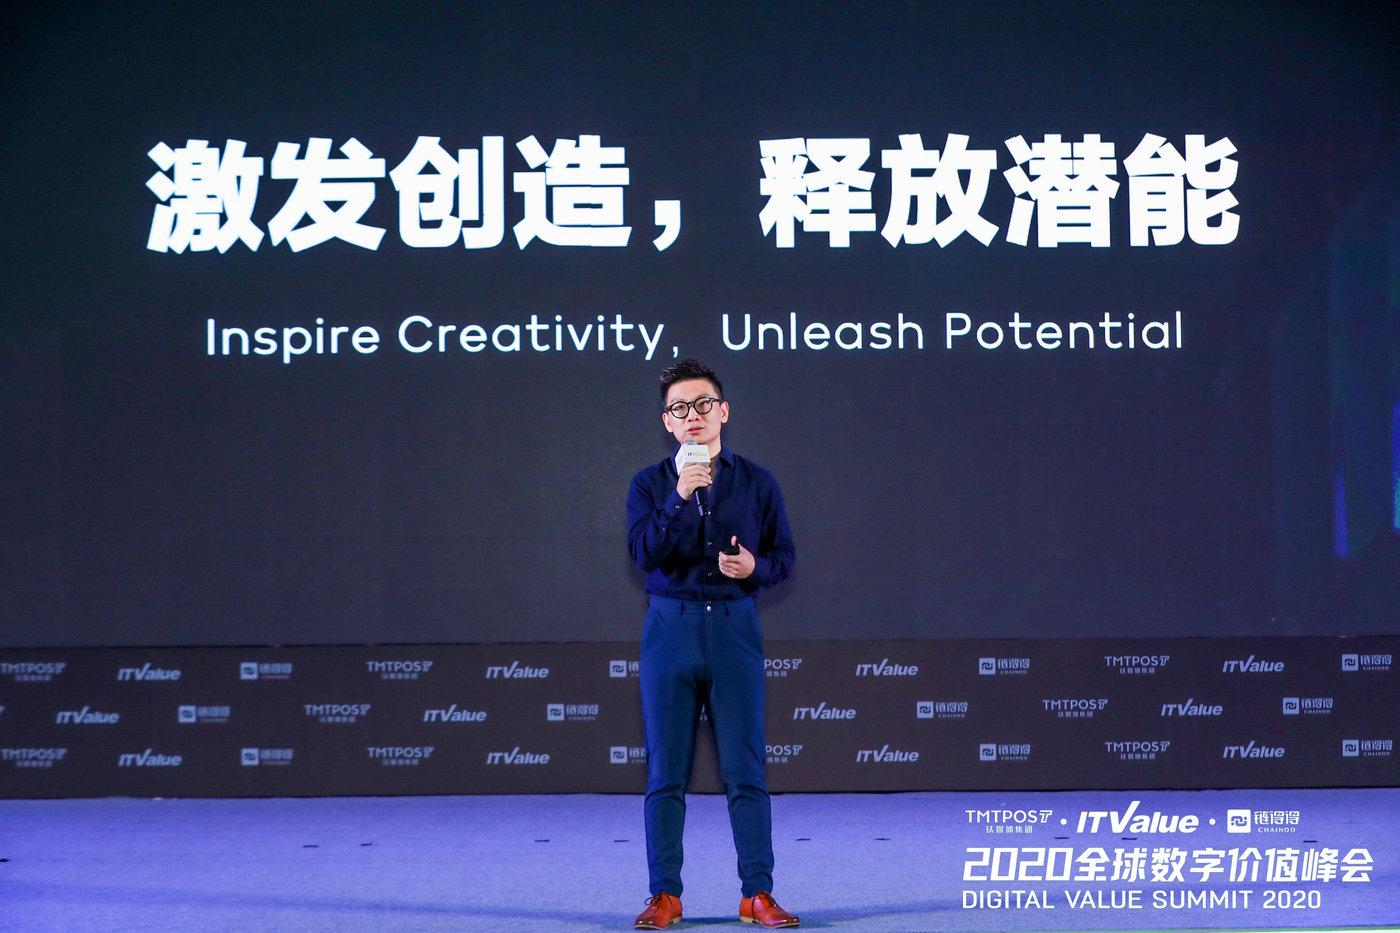 火山引擎副总裁张鑫在2020全球数字价值峰会演讲